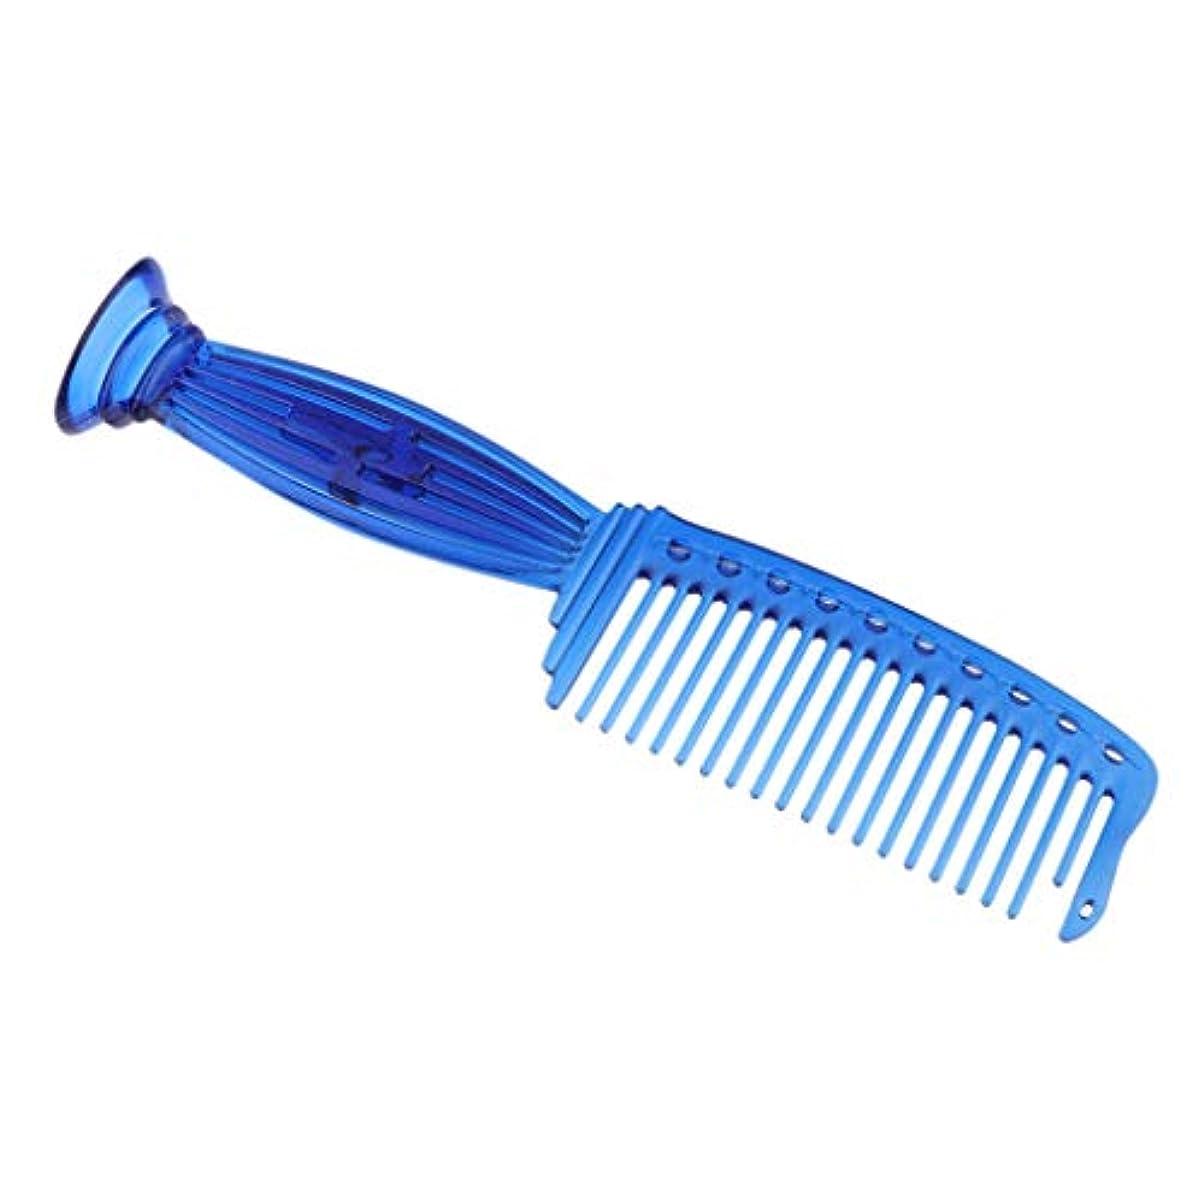 ヶ月目分割無F Fityle ヘアコーム ヘアブラシ プロ ヘアサロン 理髪師 ワイド歯 プラスチック 5色選べ - 青